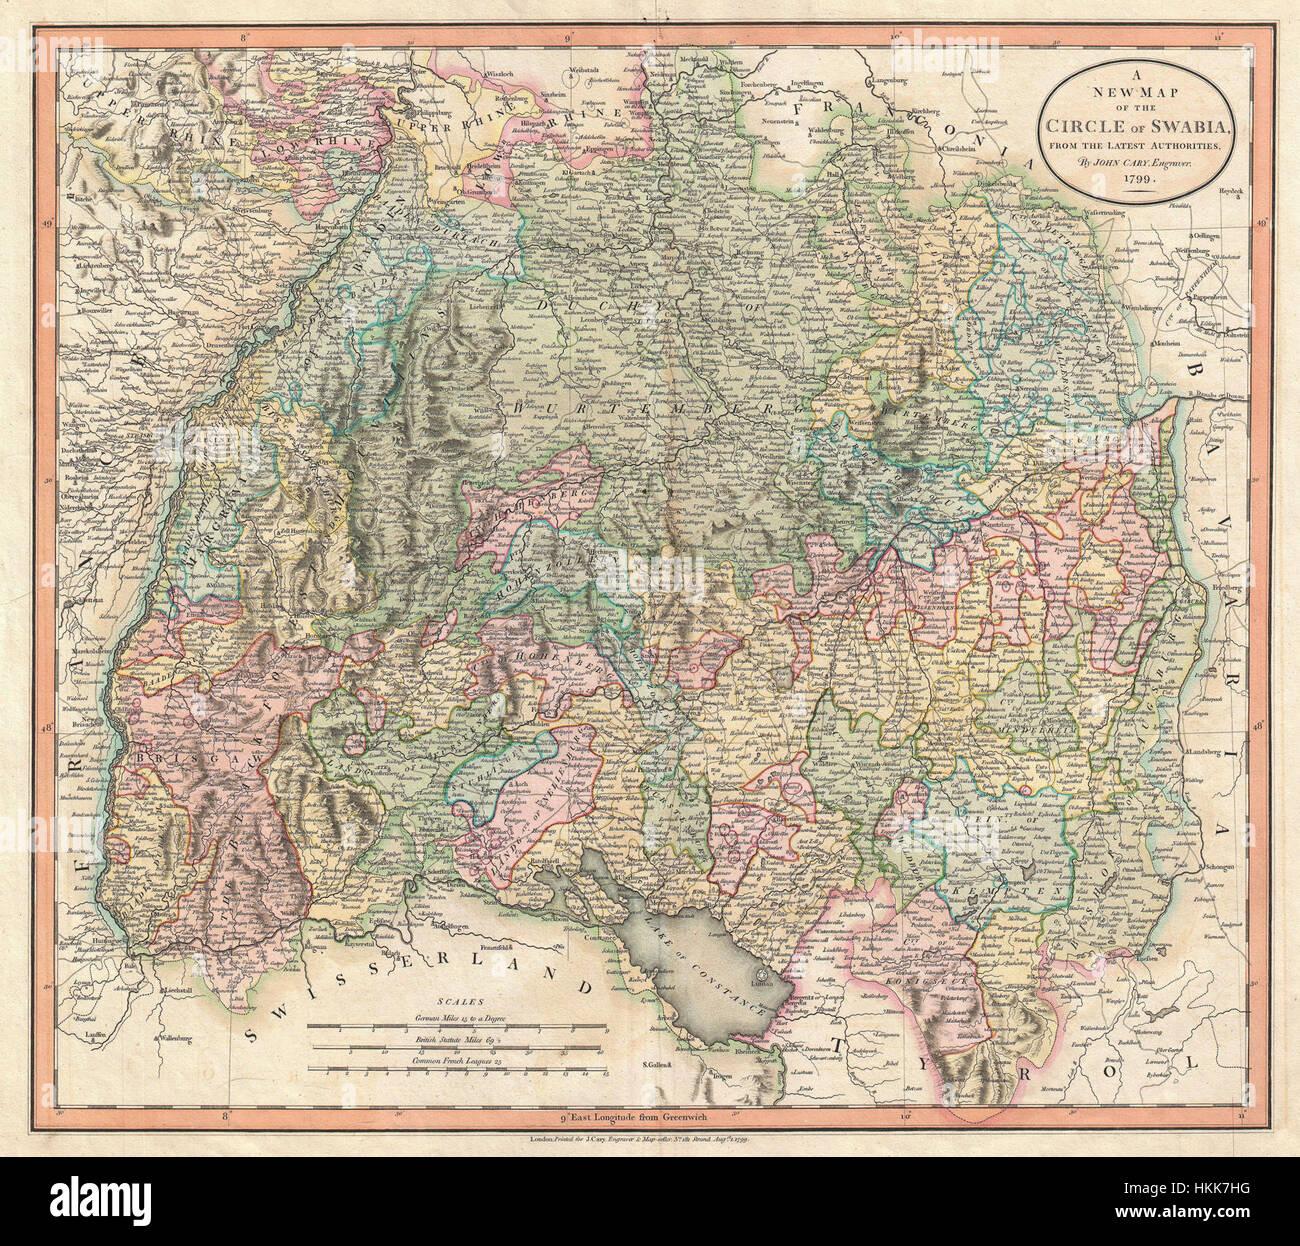 Schwaben Karte Deutschland.1799 Cary Karte Von Schwaben Deutschland Geographicus Swabia